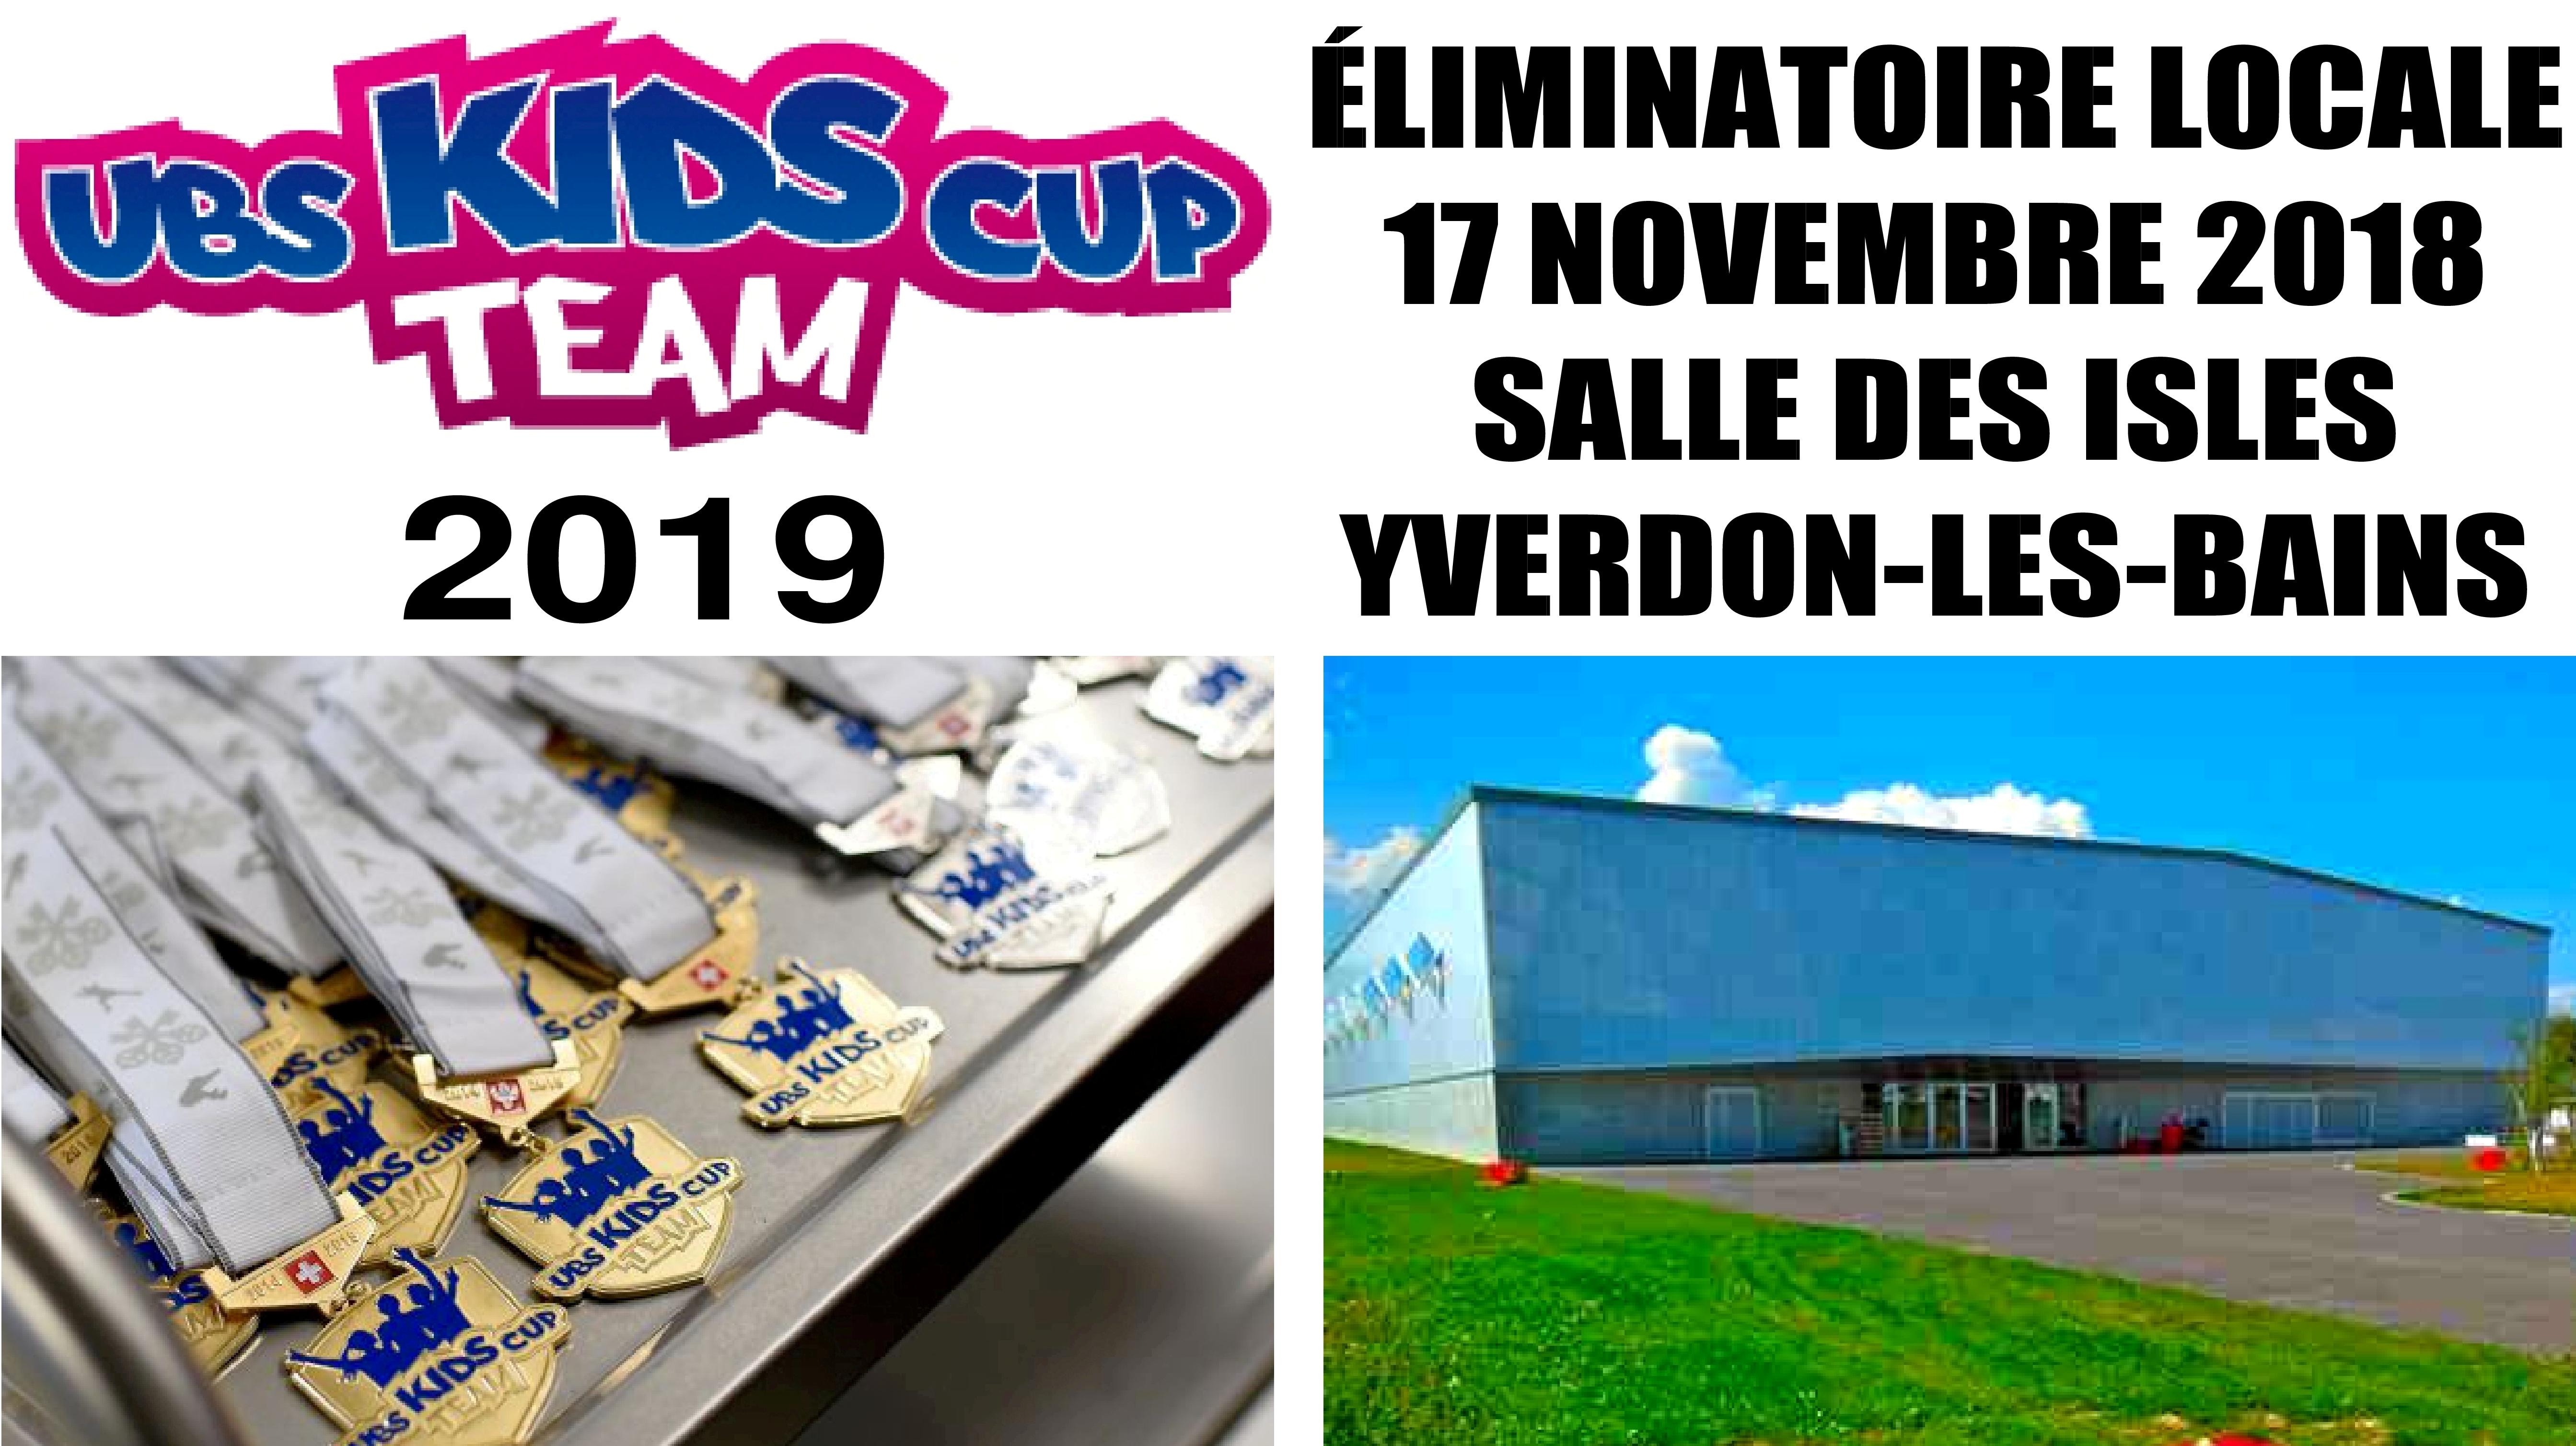 Eliminatoire UBS Kids Cup Team à Yvedon